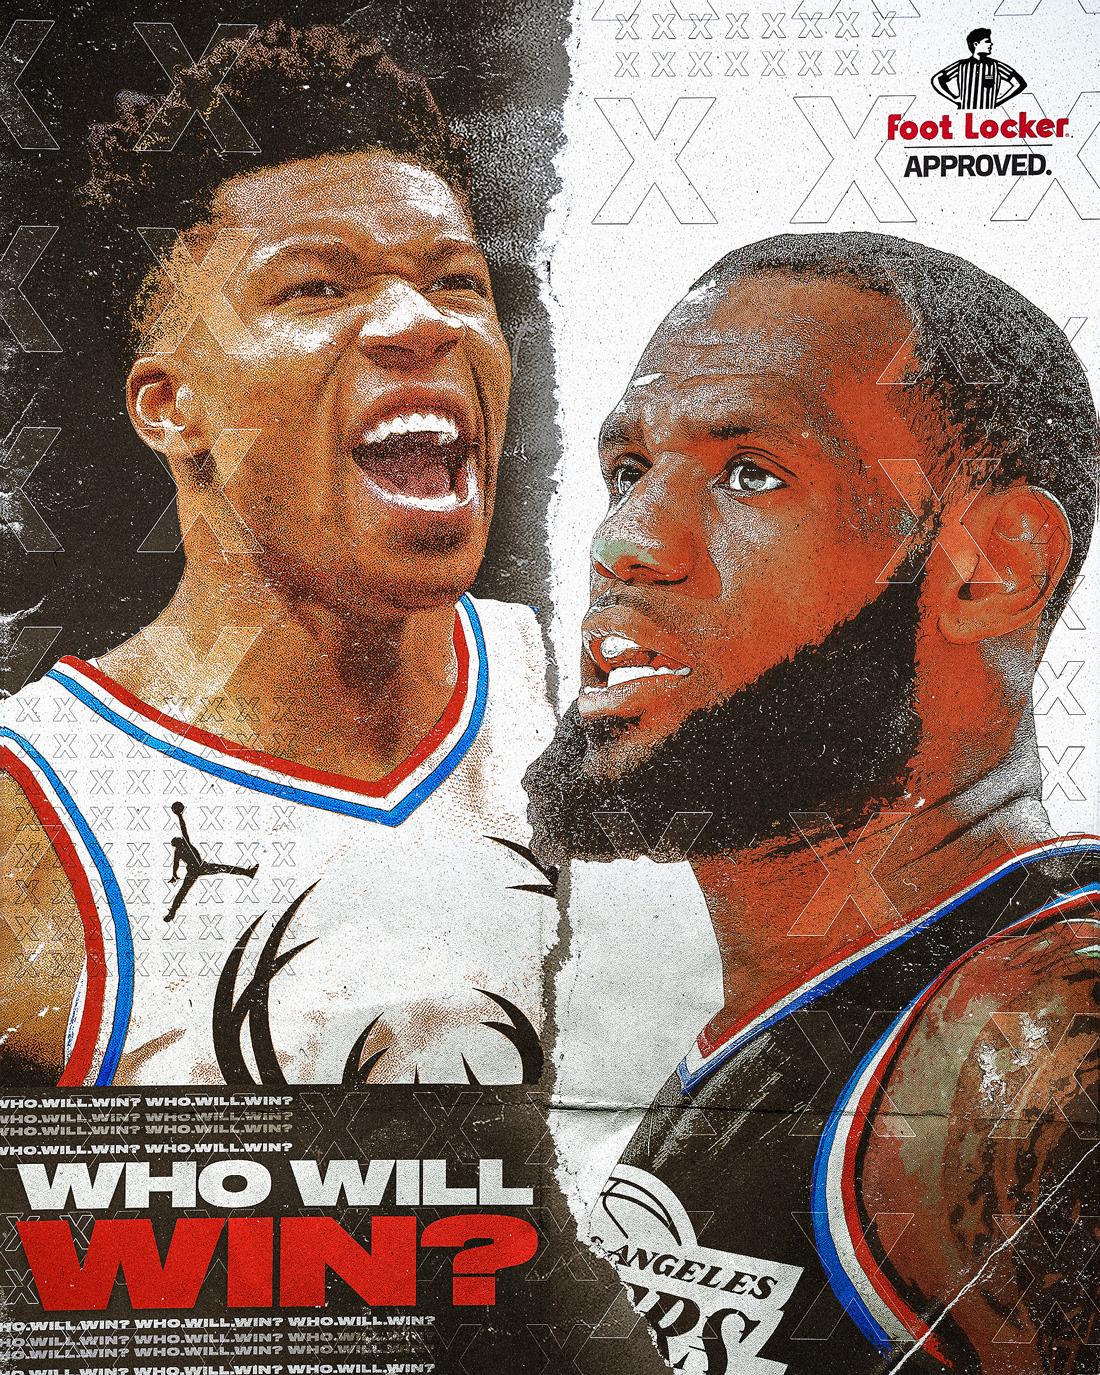 b170a4b6bcb Foot Locker 2019 NBA All-Star Illustrations on Behance